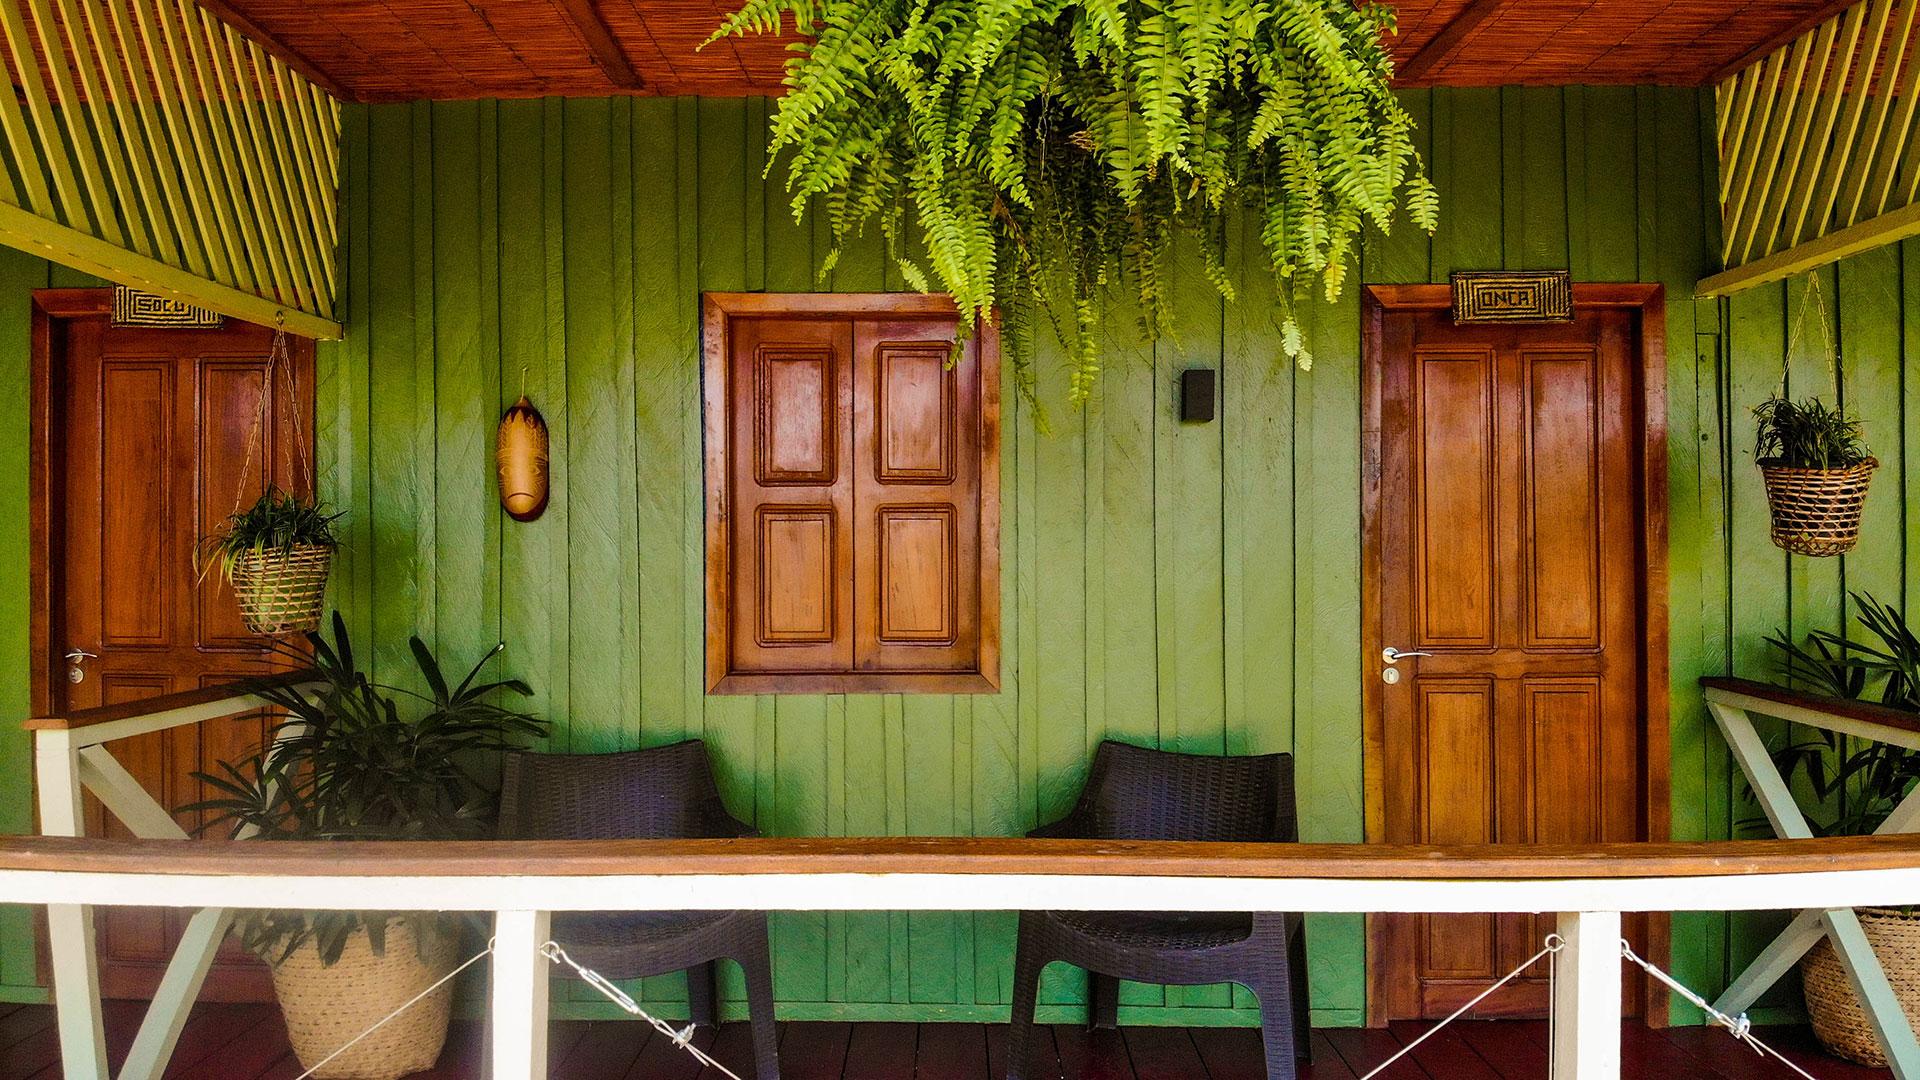 A sustentabilidade está por todos os lados no Manati Lodge. Os telhado dos quartos são feitos com aparas de plásticos reciclados